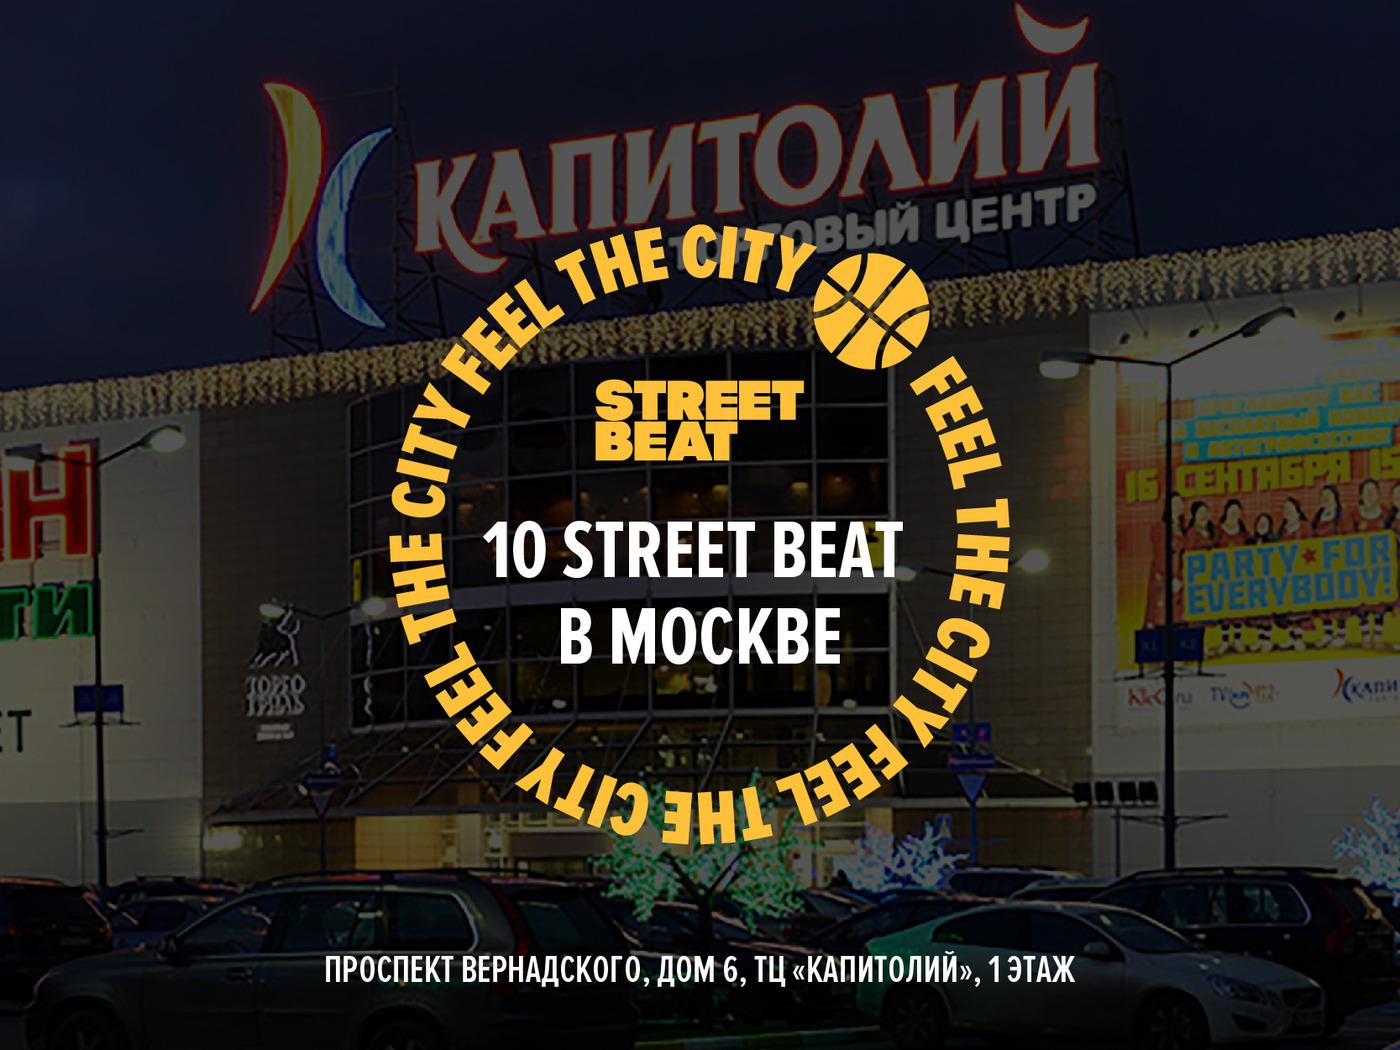 27698d93 Магазины федеральной сети кроссовок и кед STREET BEAT на данный момент  присутствуют в семи городах России, и их количество постоянно растет.